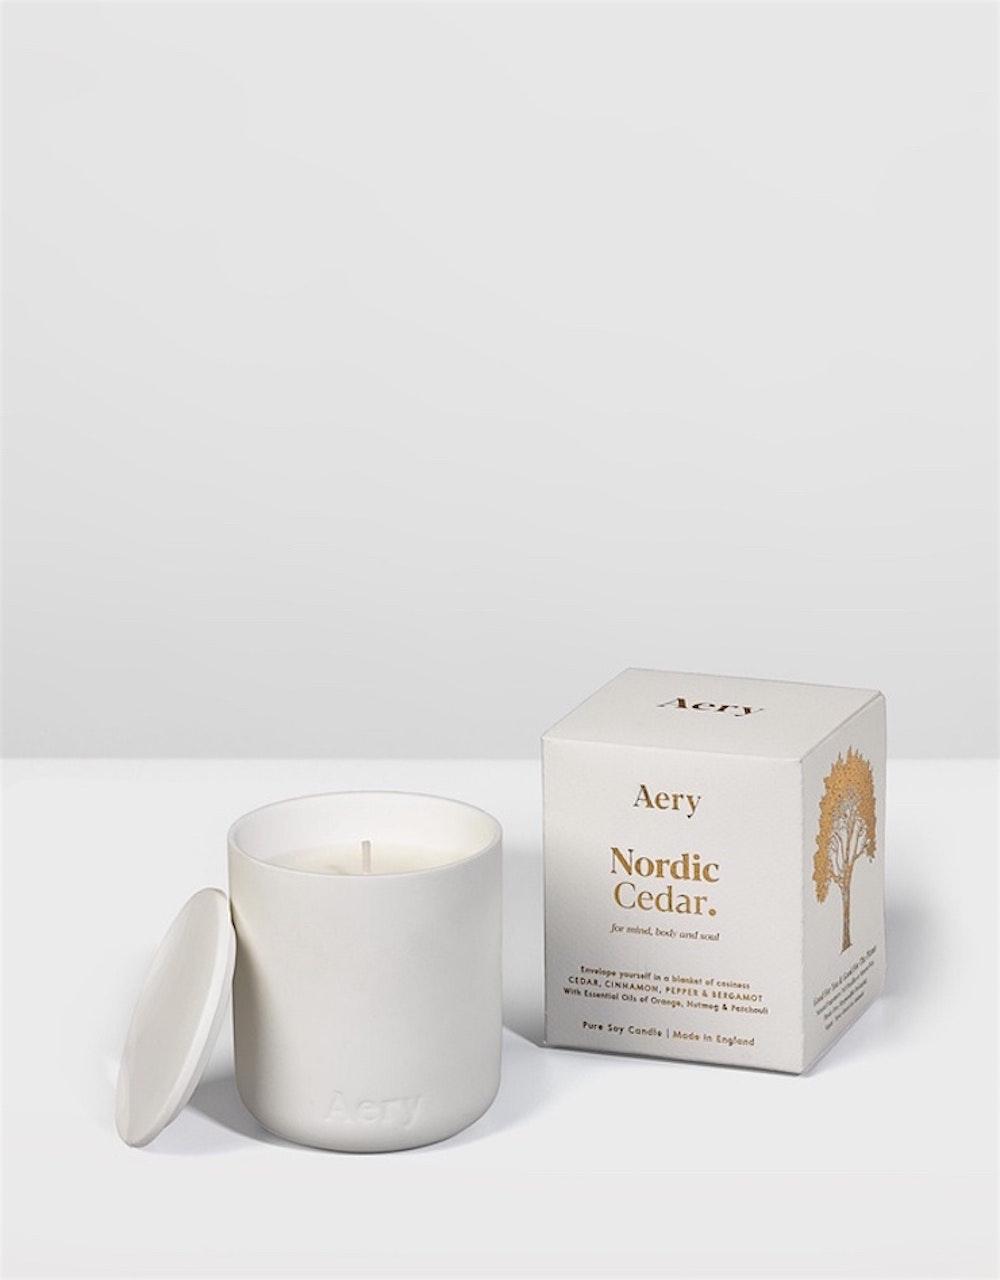 A matte white candle sits beside a white box.